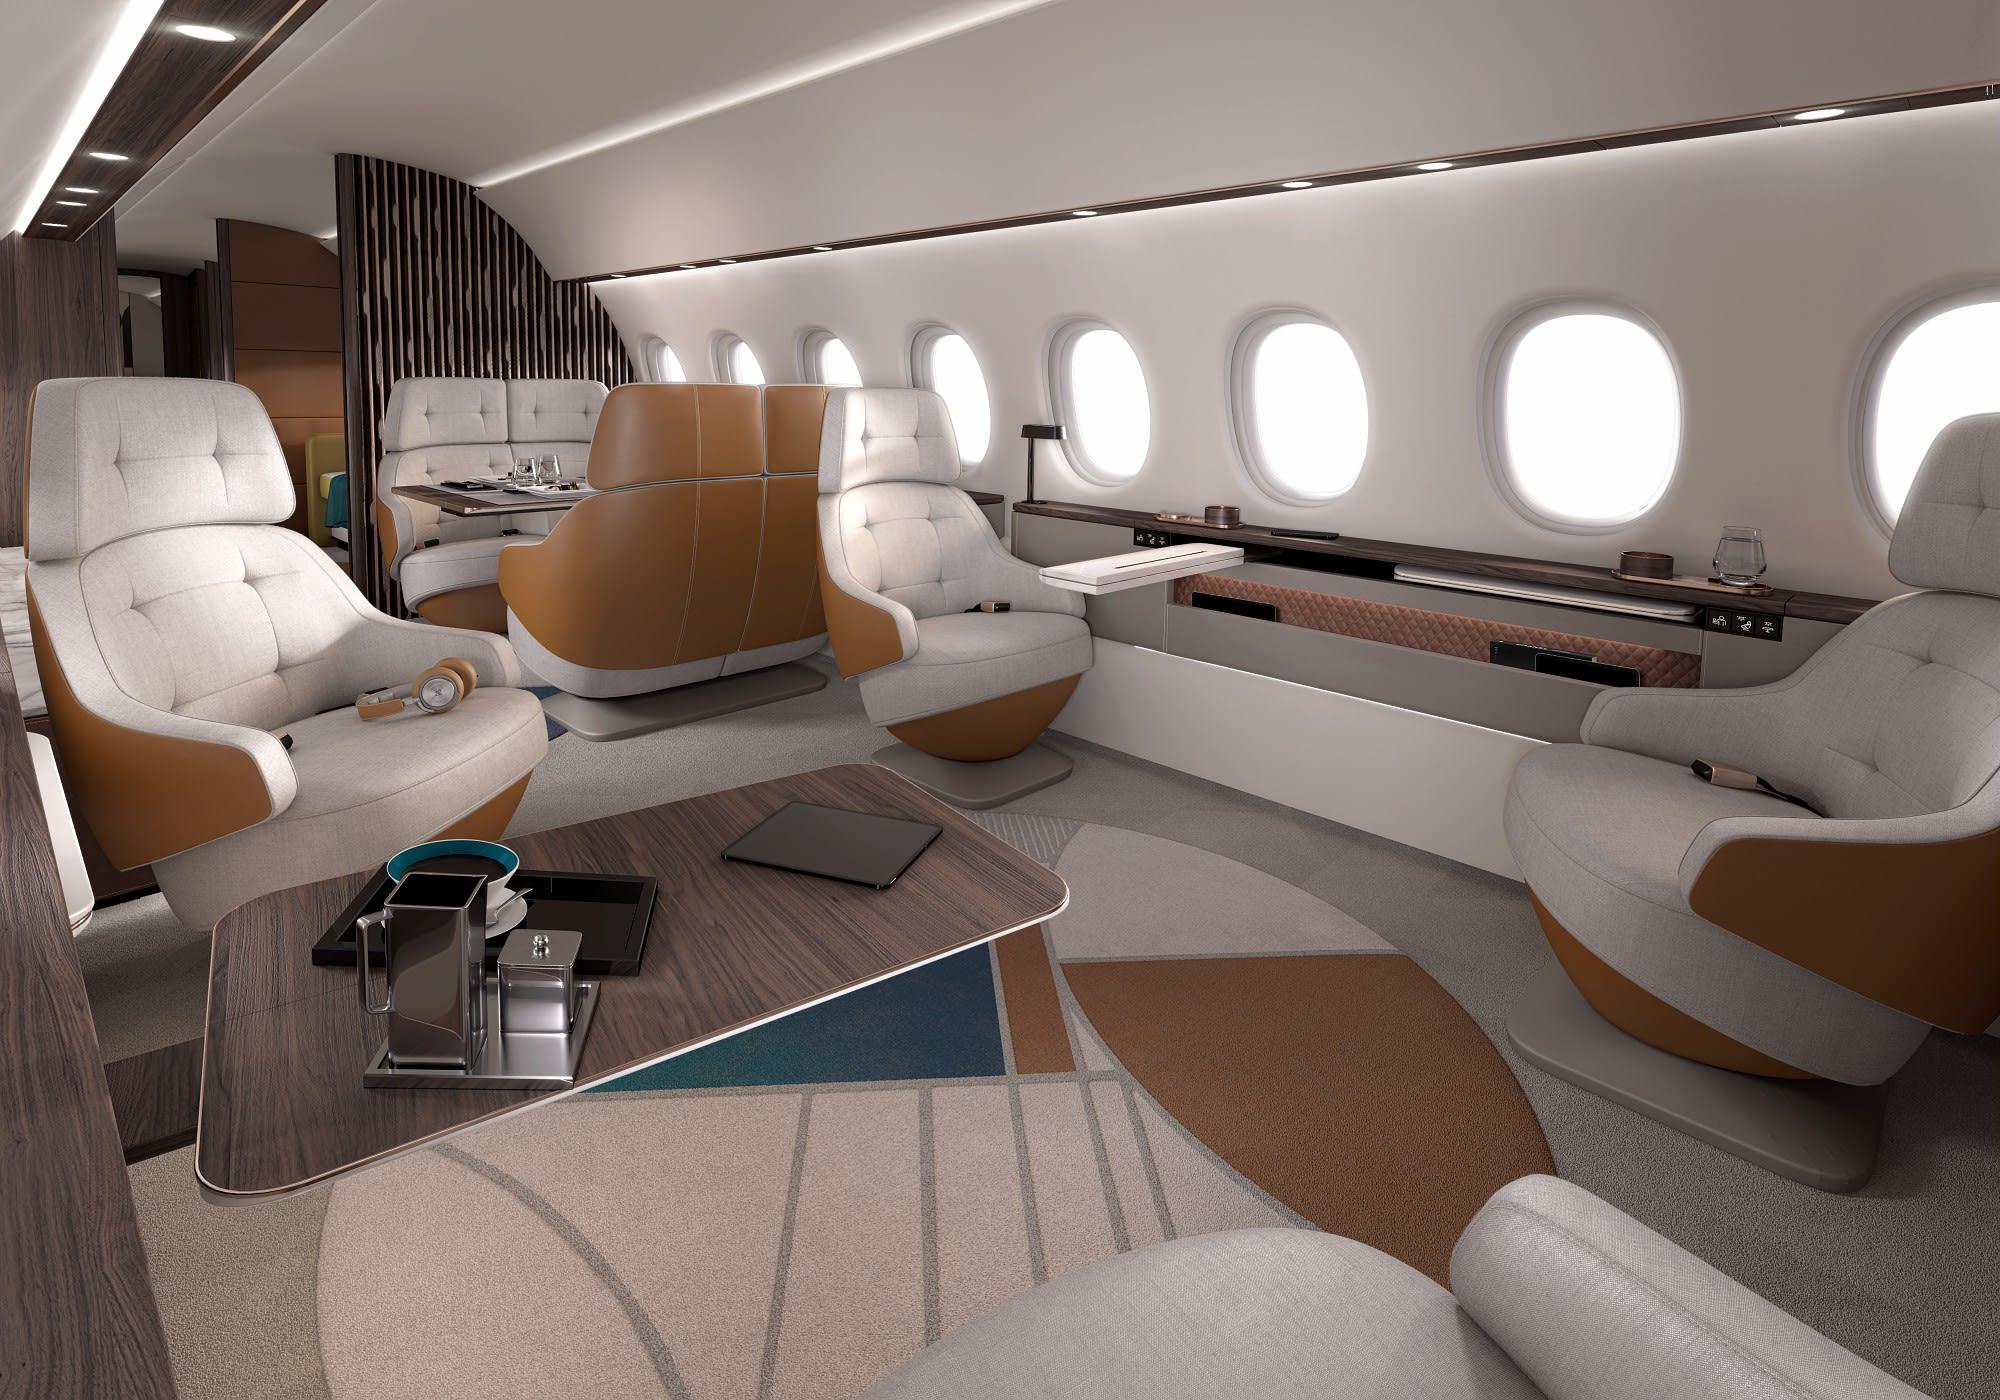 Falcon 10X Cabin